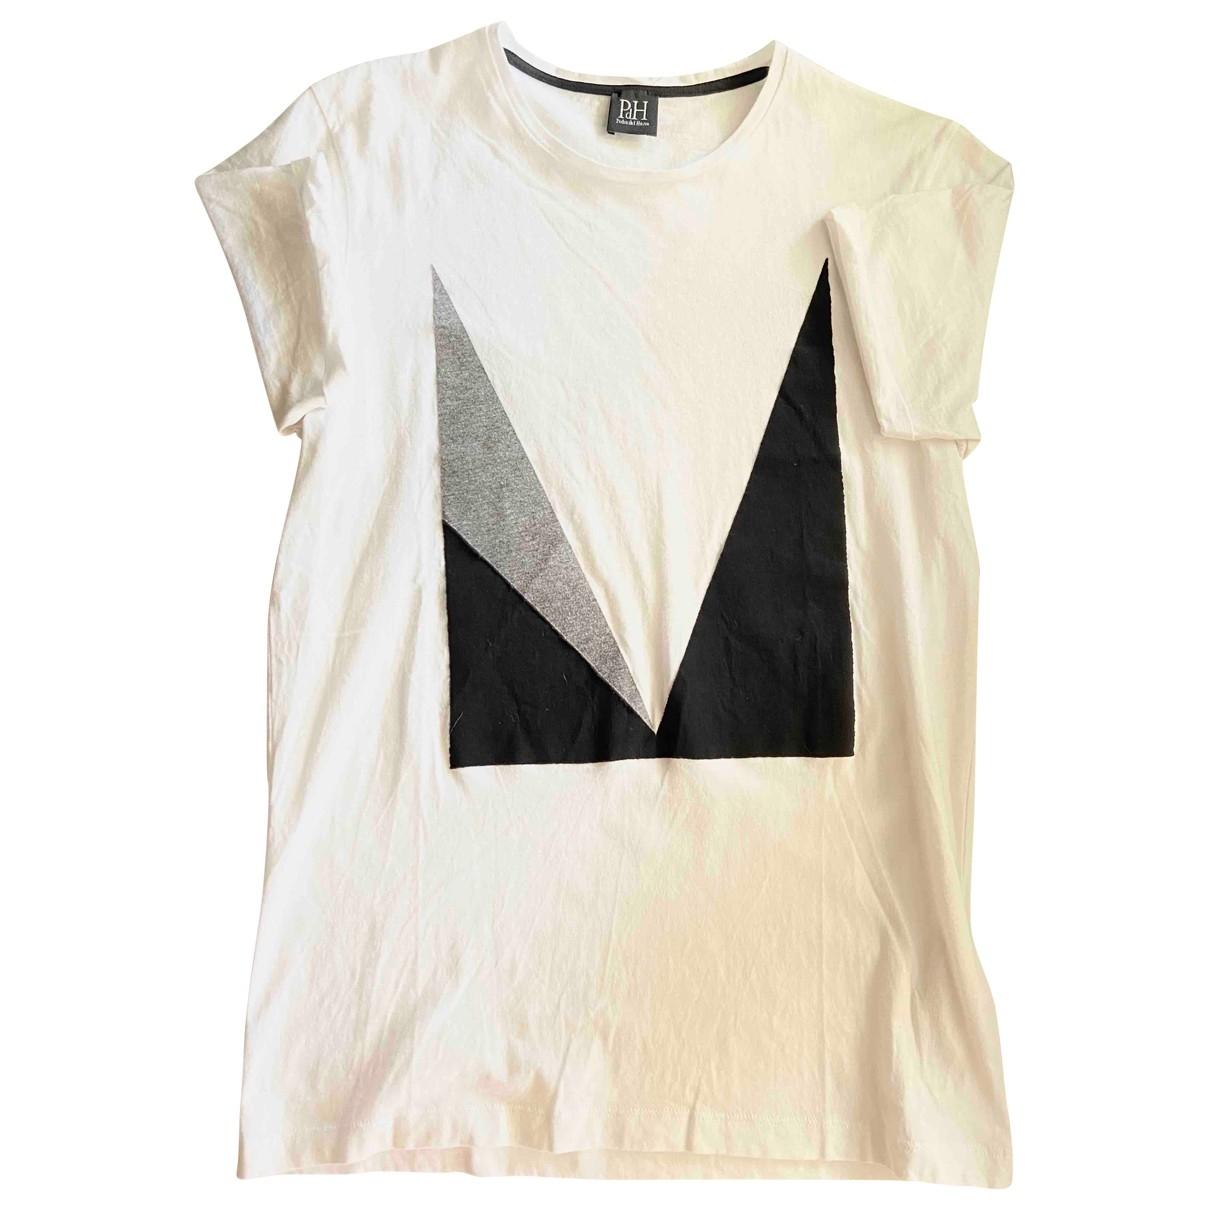 Pedro Del Hierro - Tee shirts   pour homme en coton - blanc